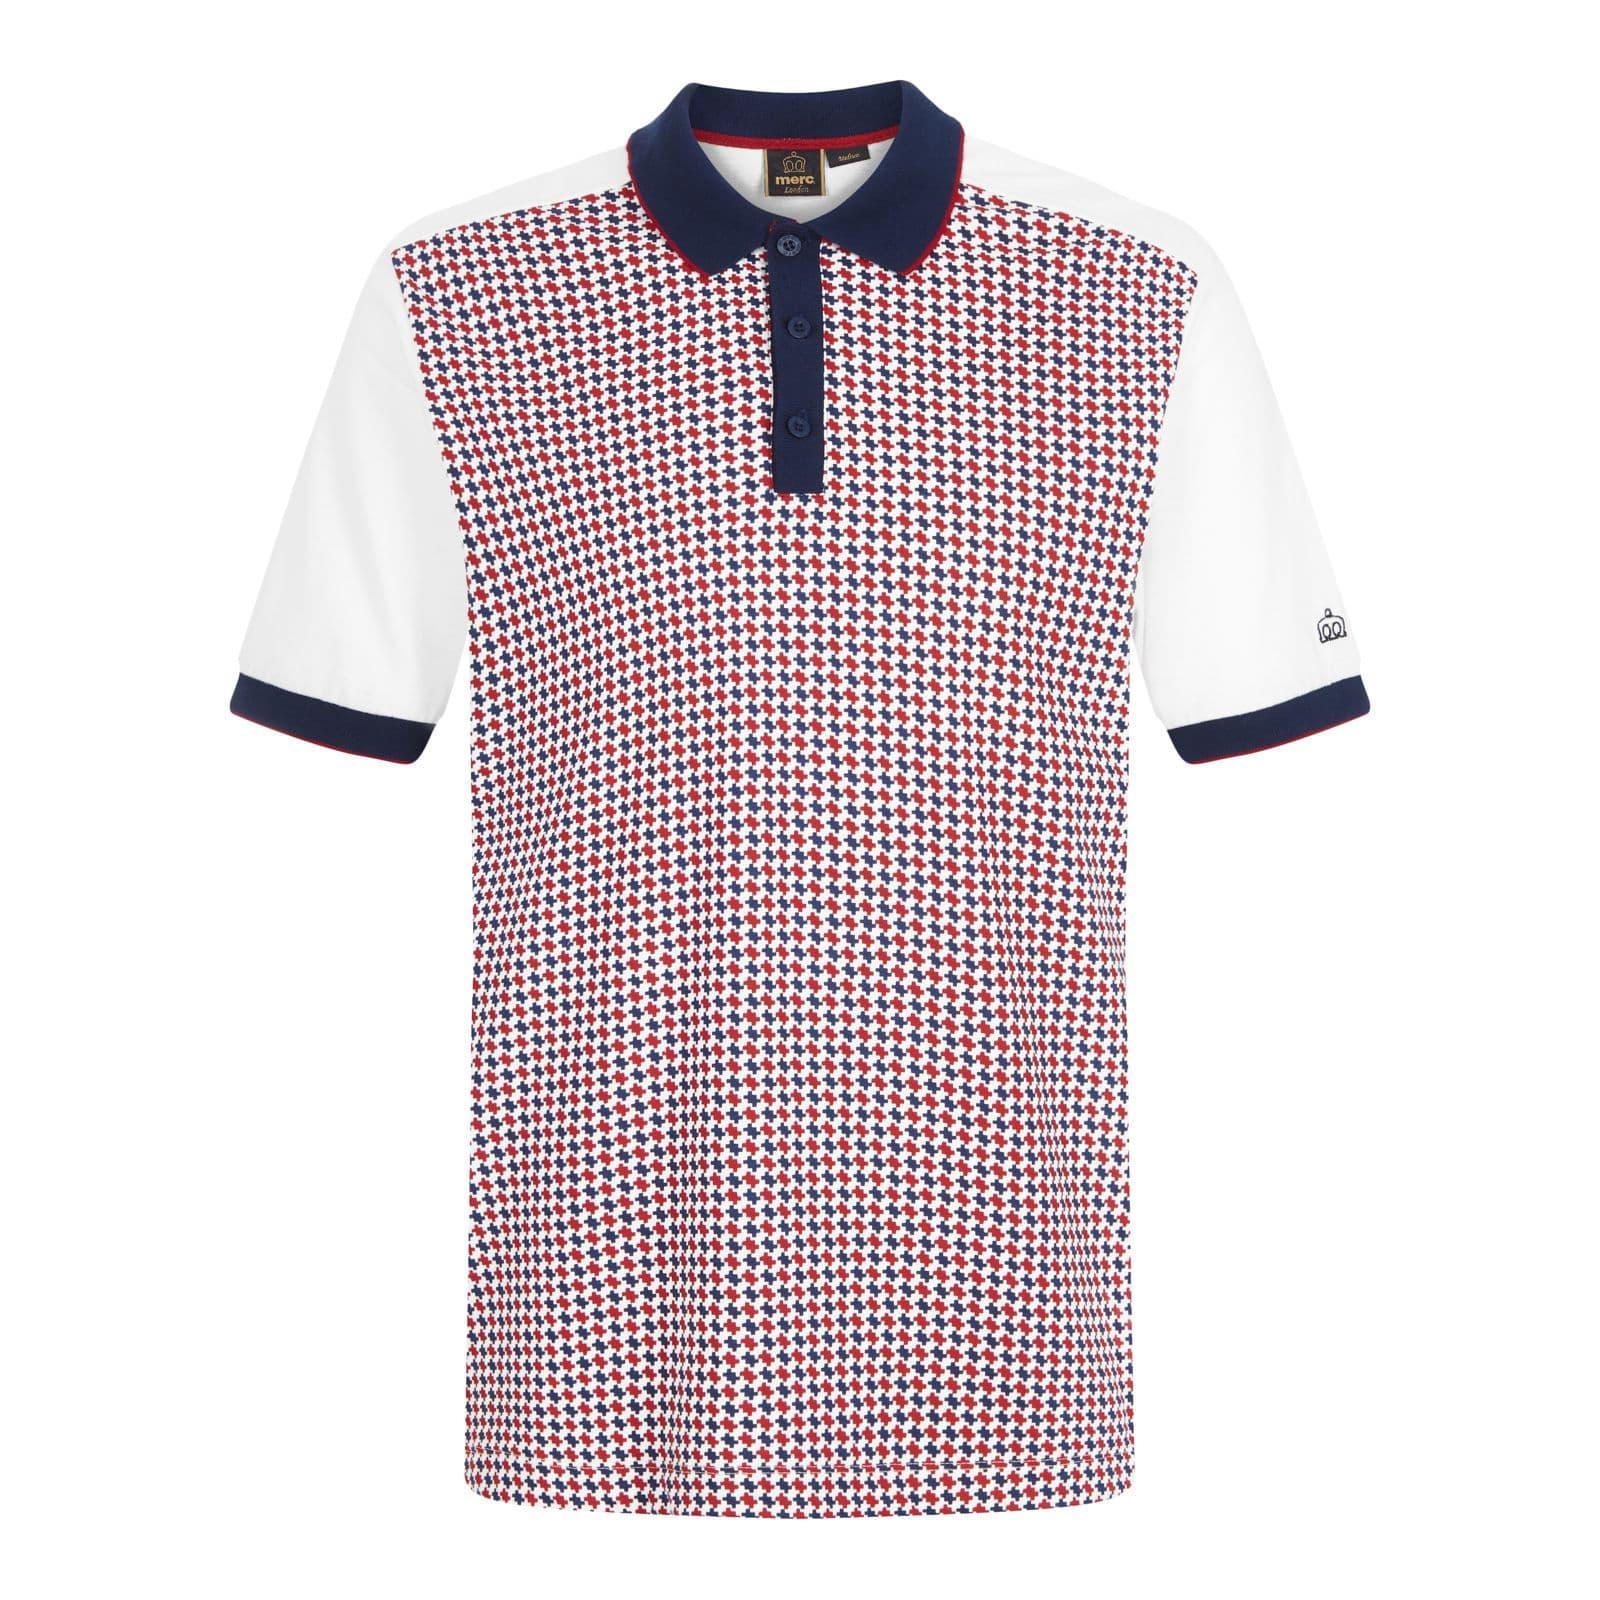 Рубашка Поло ElvinПоло под заказ<br><br><br>Артикул: 1917111<br>Материал: 100% хлопок<br>Цвет: белый с красными и синими узорами<br>Пол: Мужской